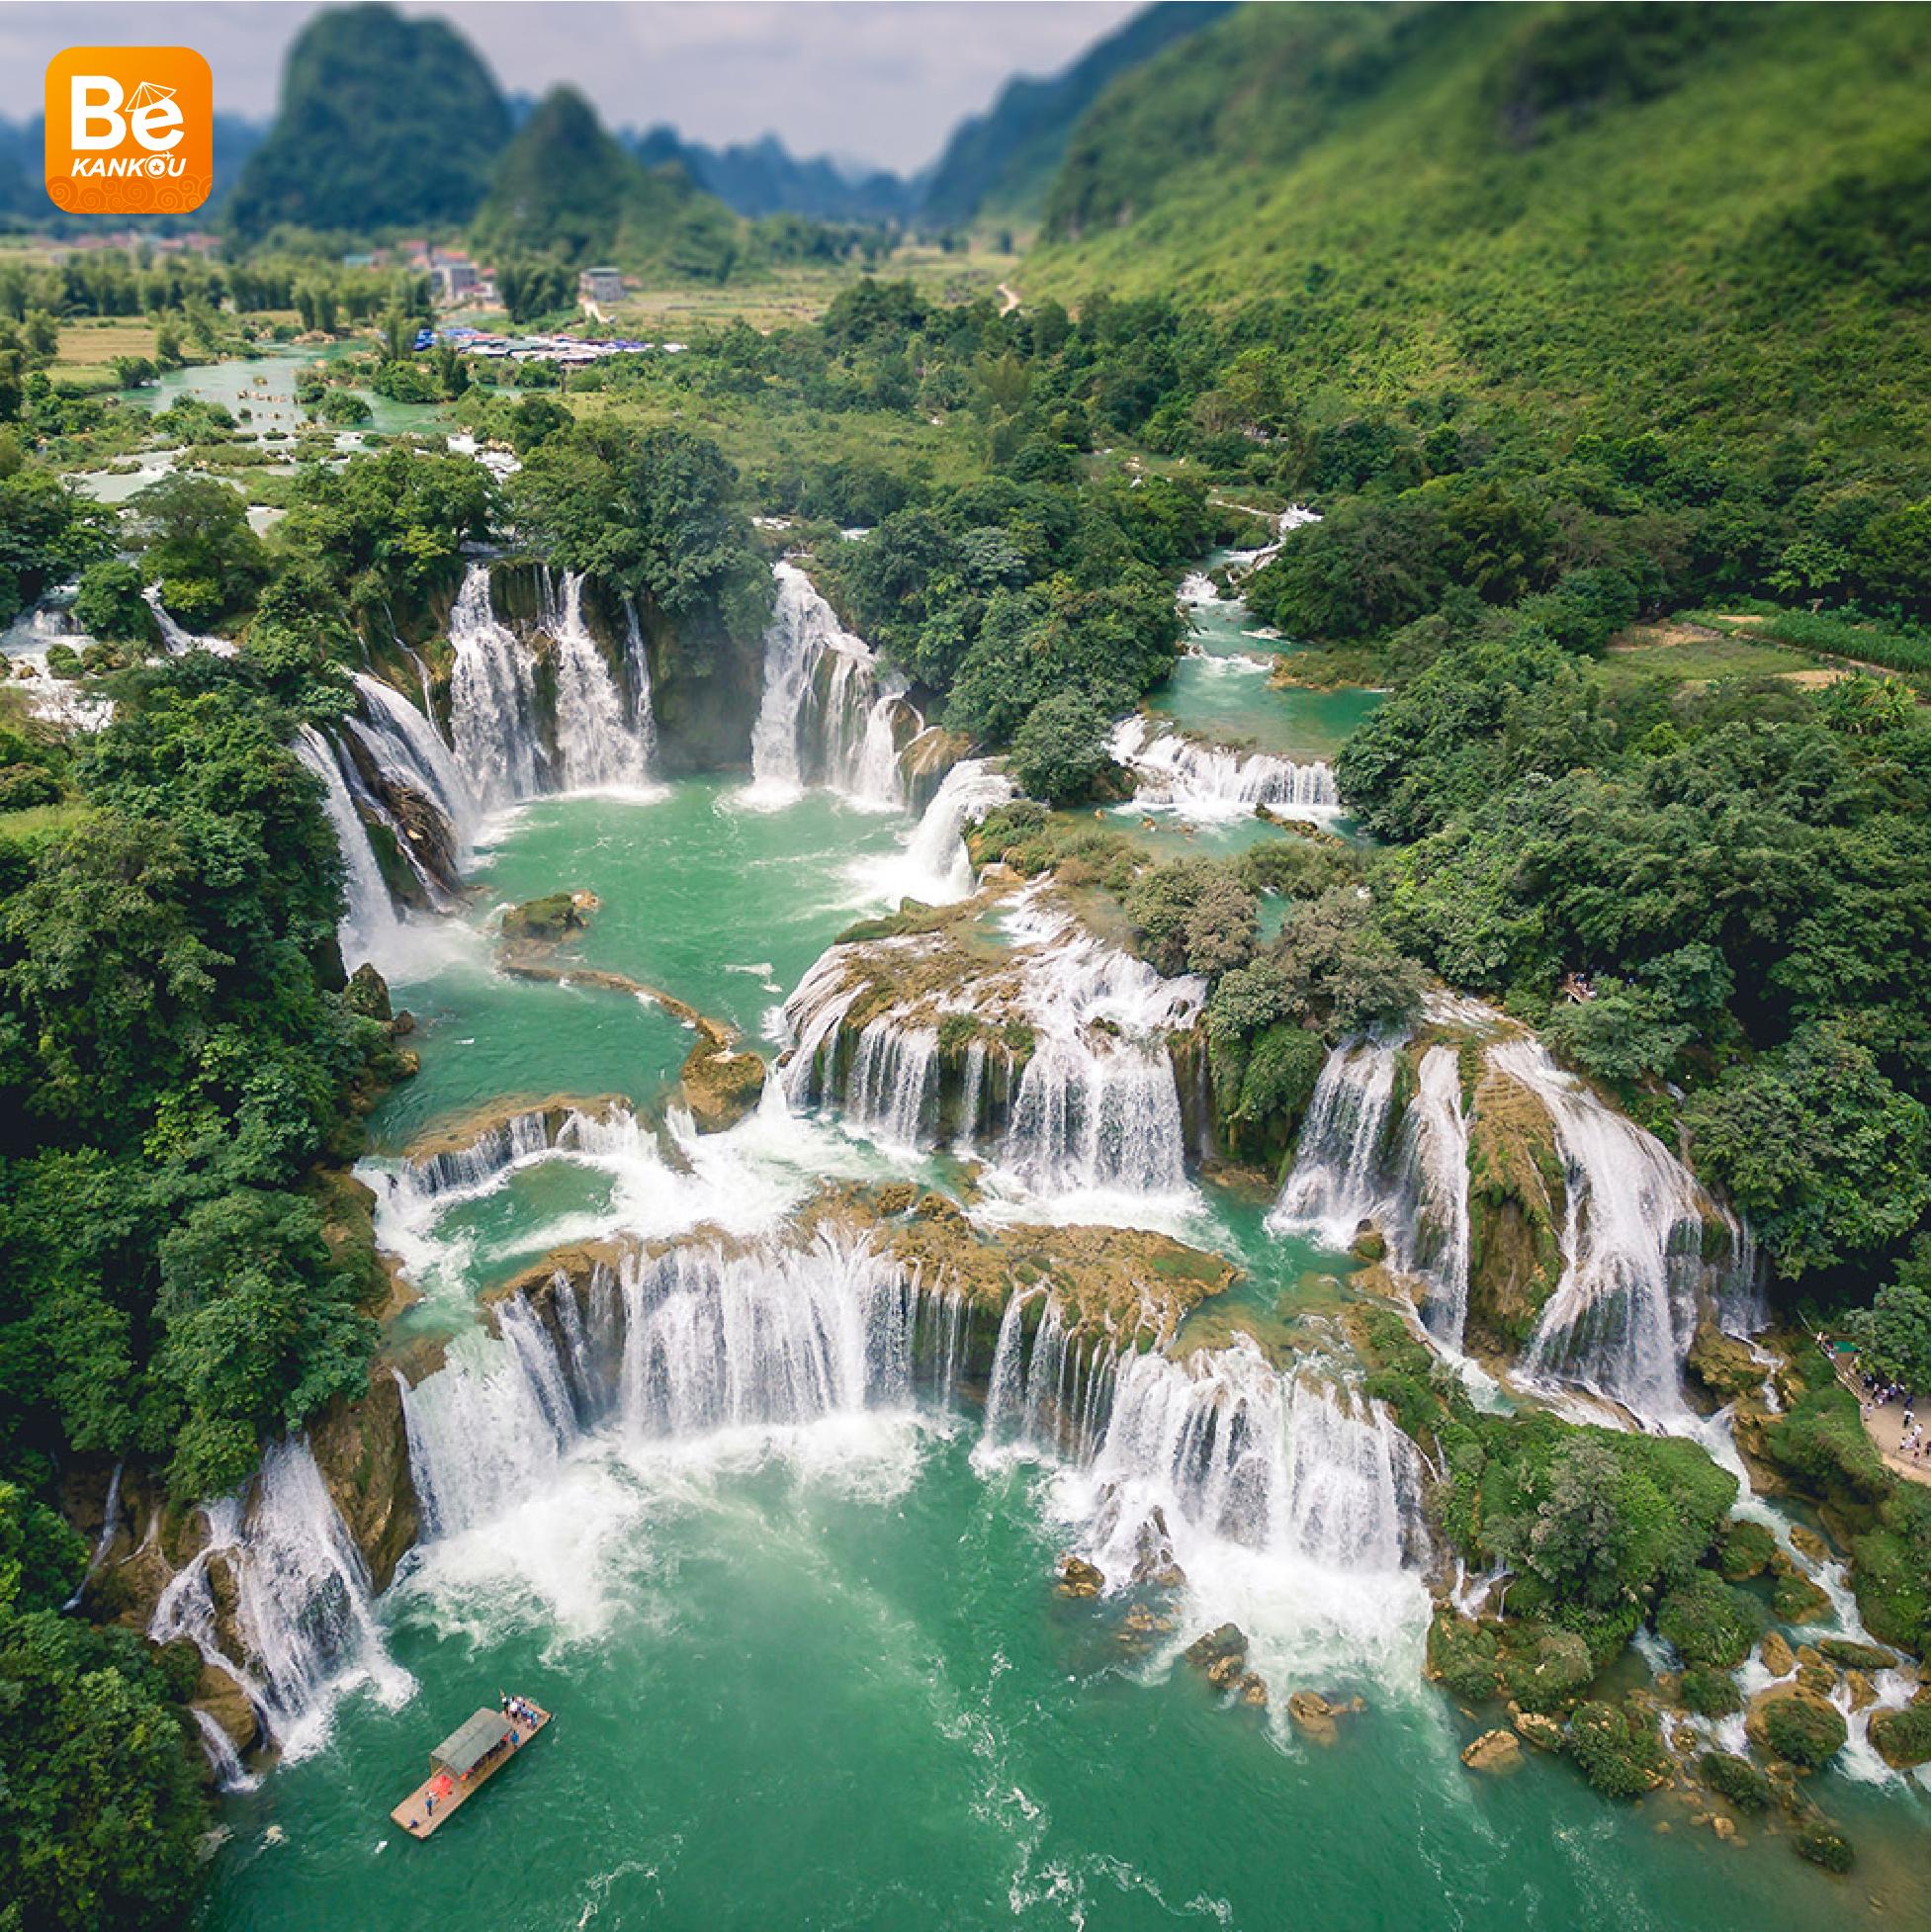 多くの興味深い活動を伴う特別なバンゾック(Thac Ban Gioc)滝祭り